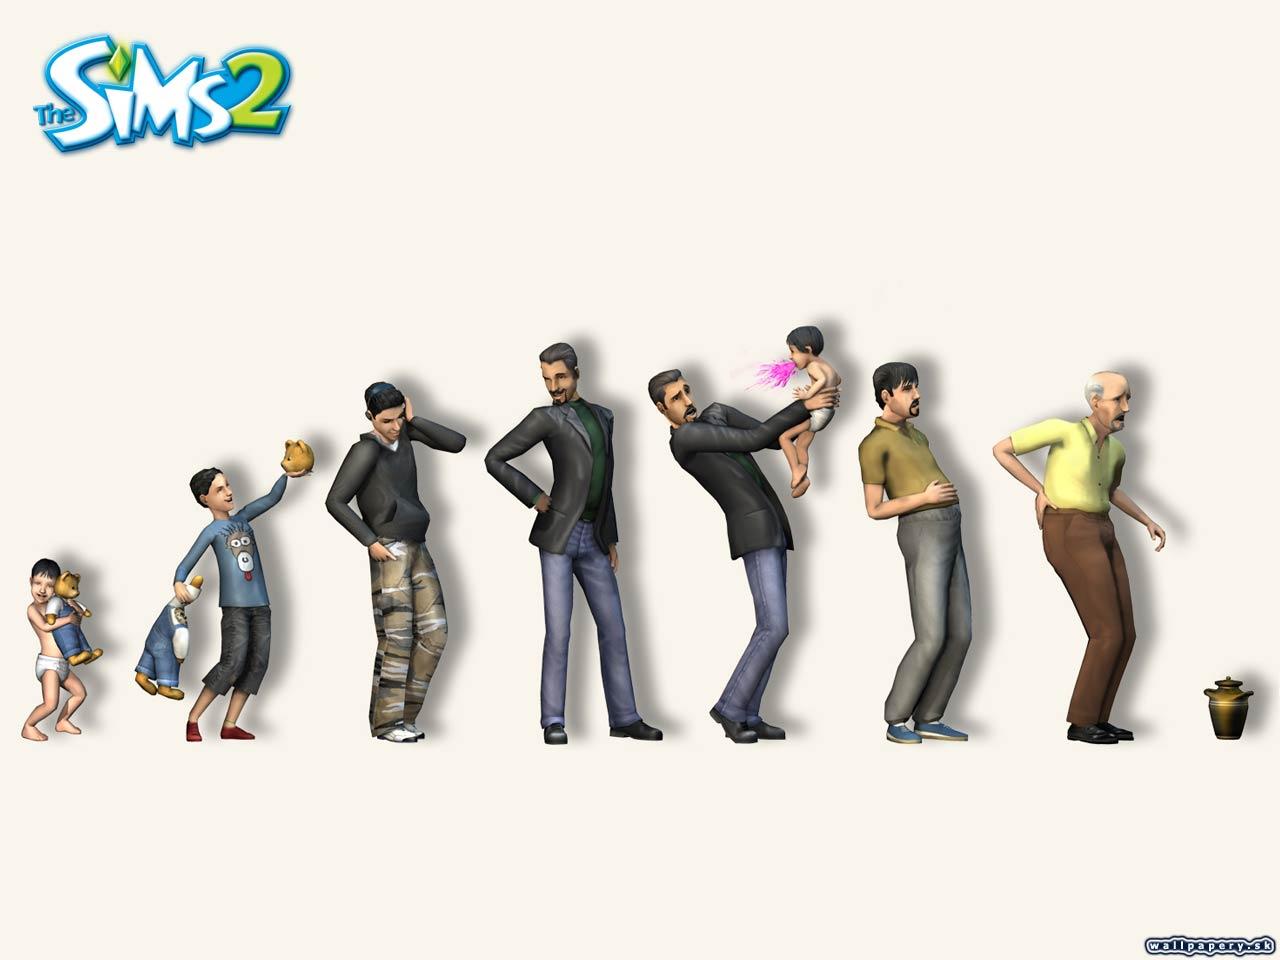 Как заработать деньги в игре Sims 2 - wikiHow 63